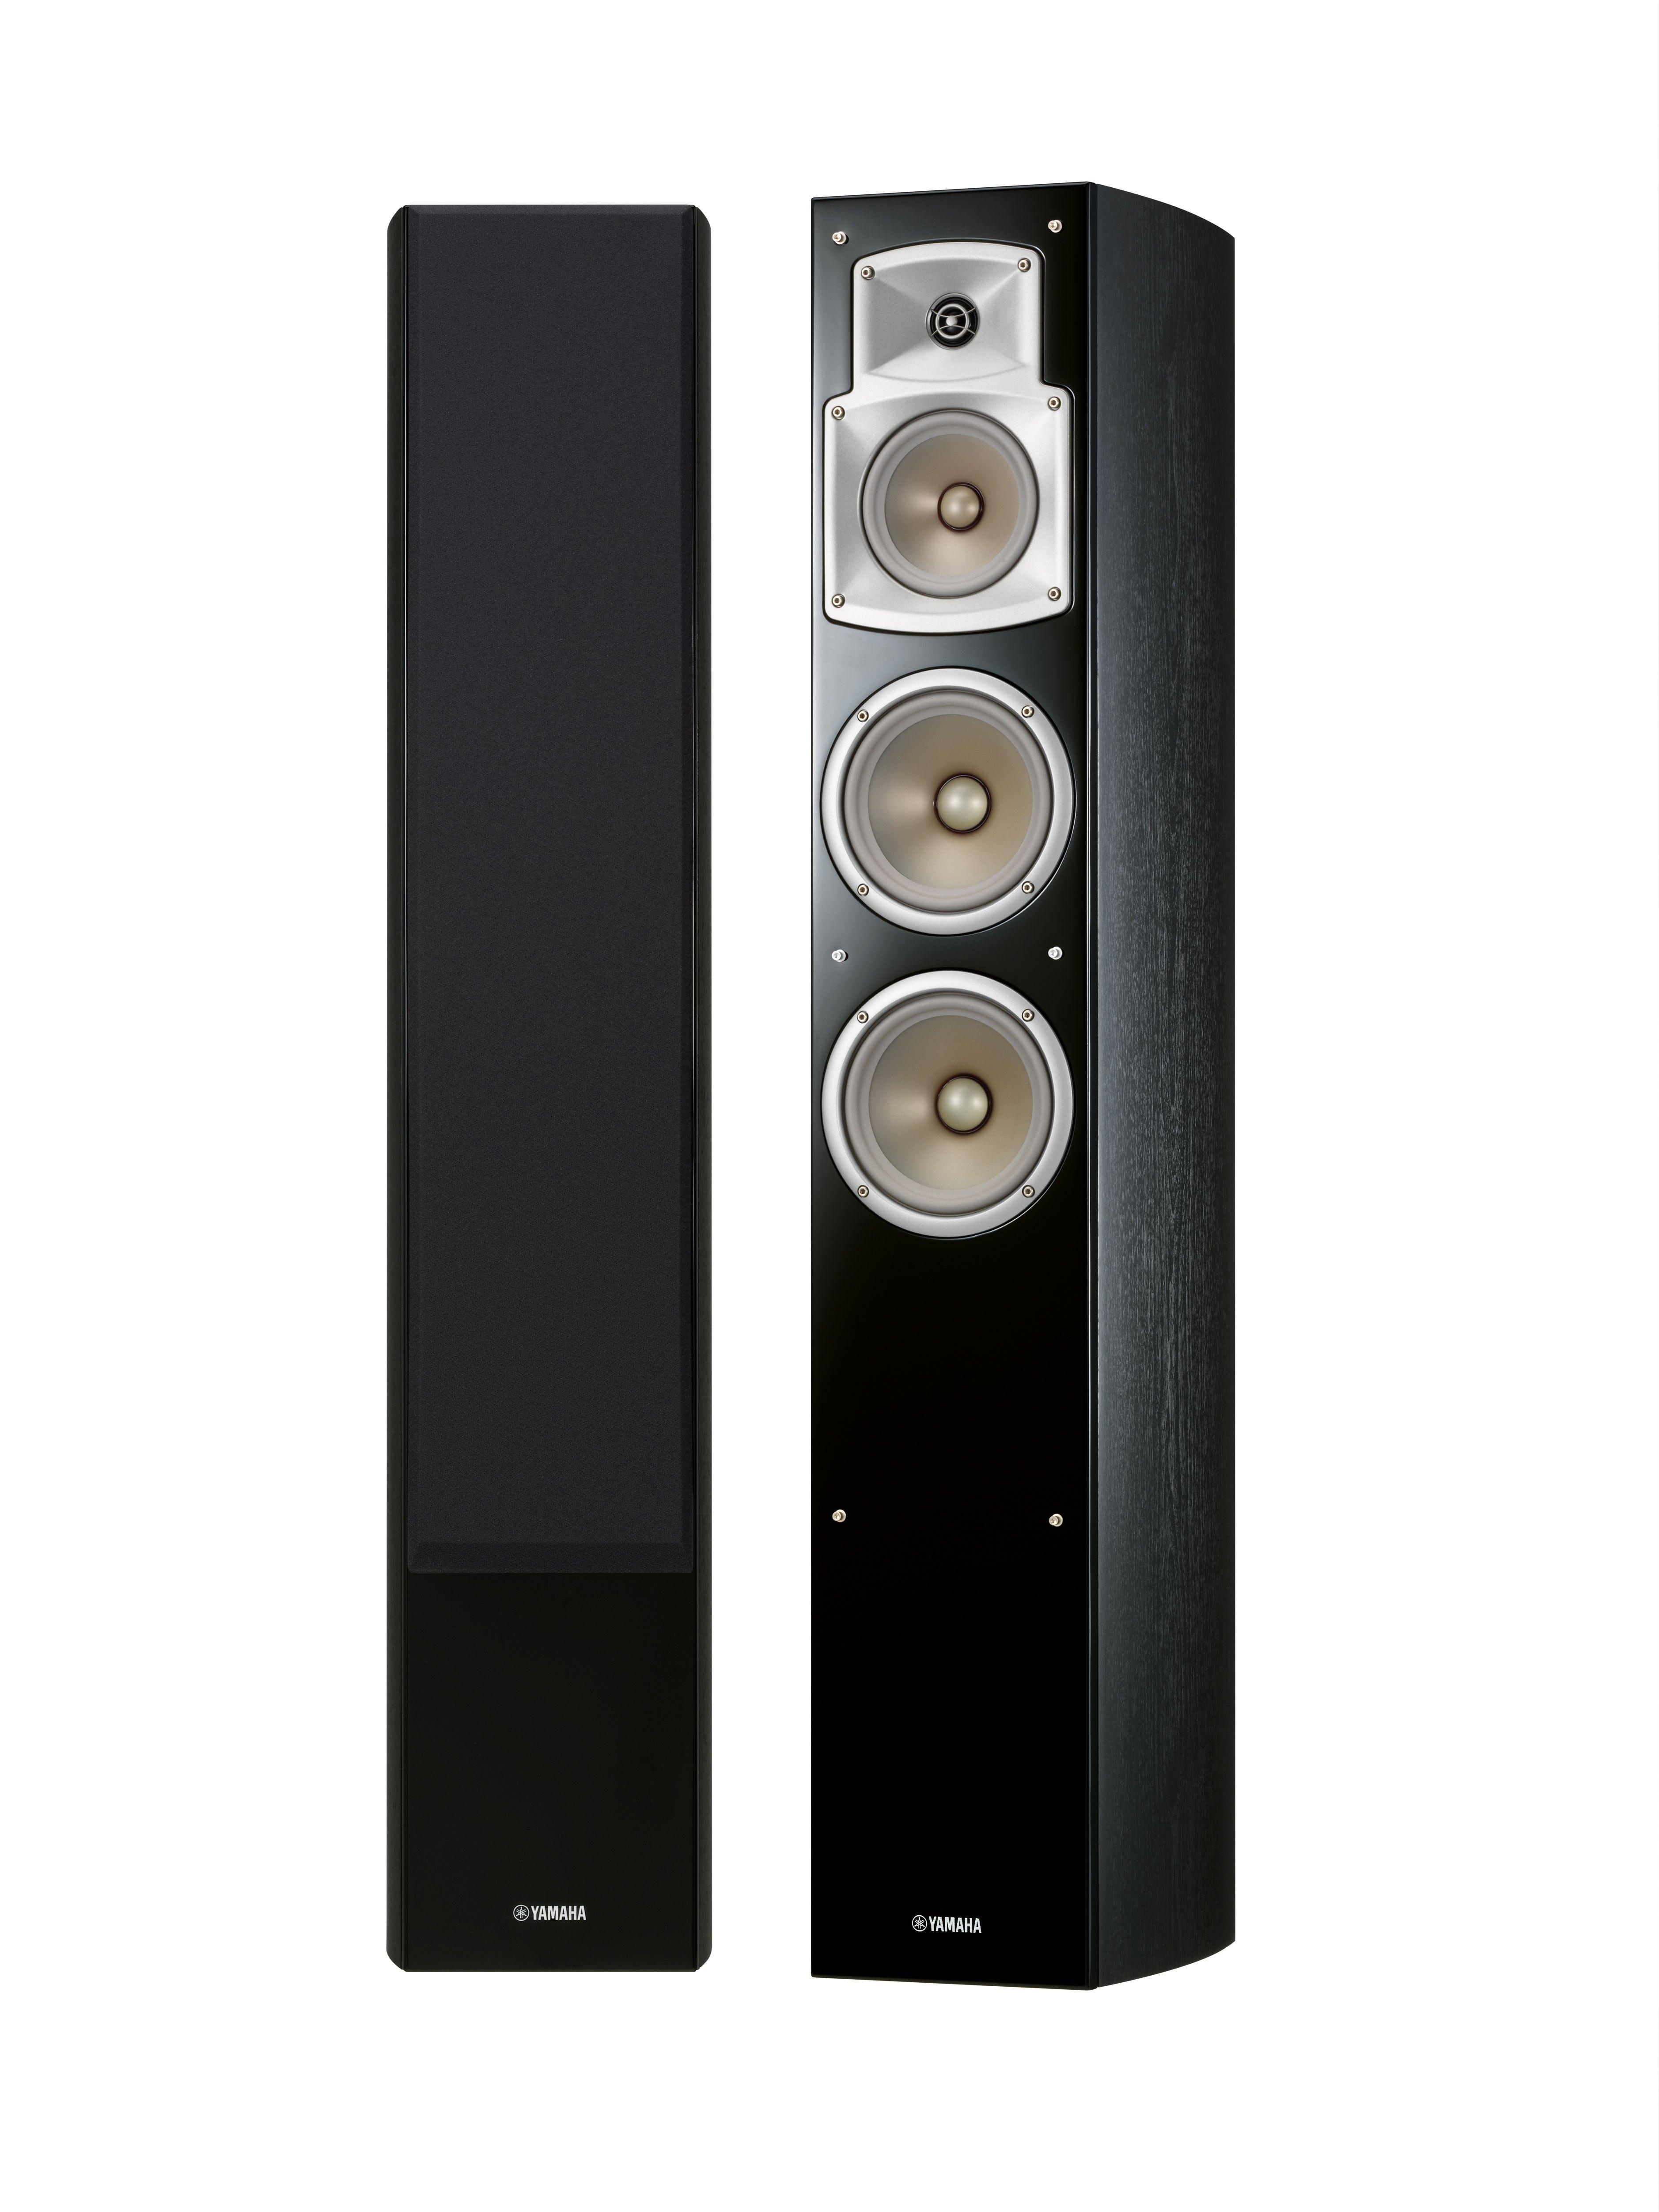 Lautsprecher - Audio & Video - Produkte - Yamaha - Deutschland